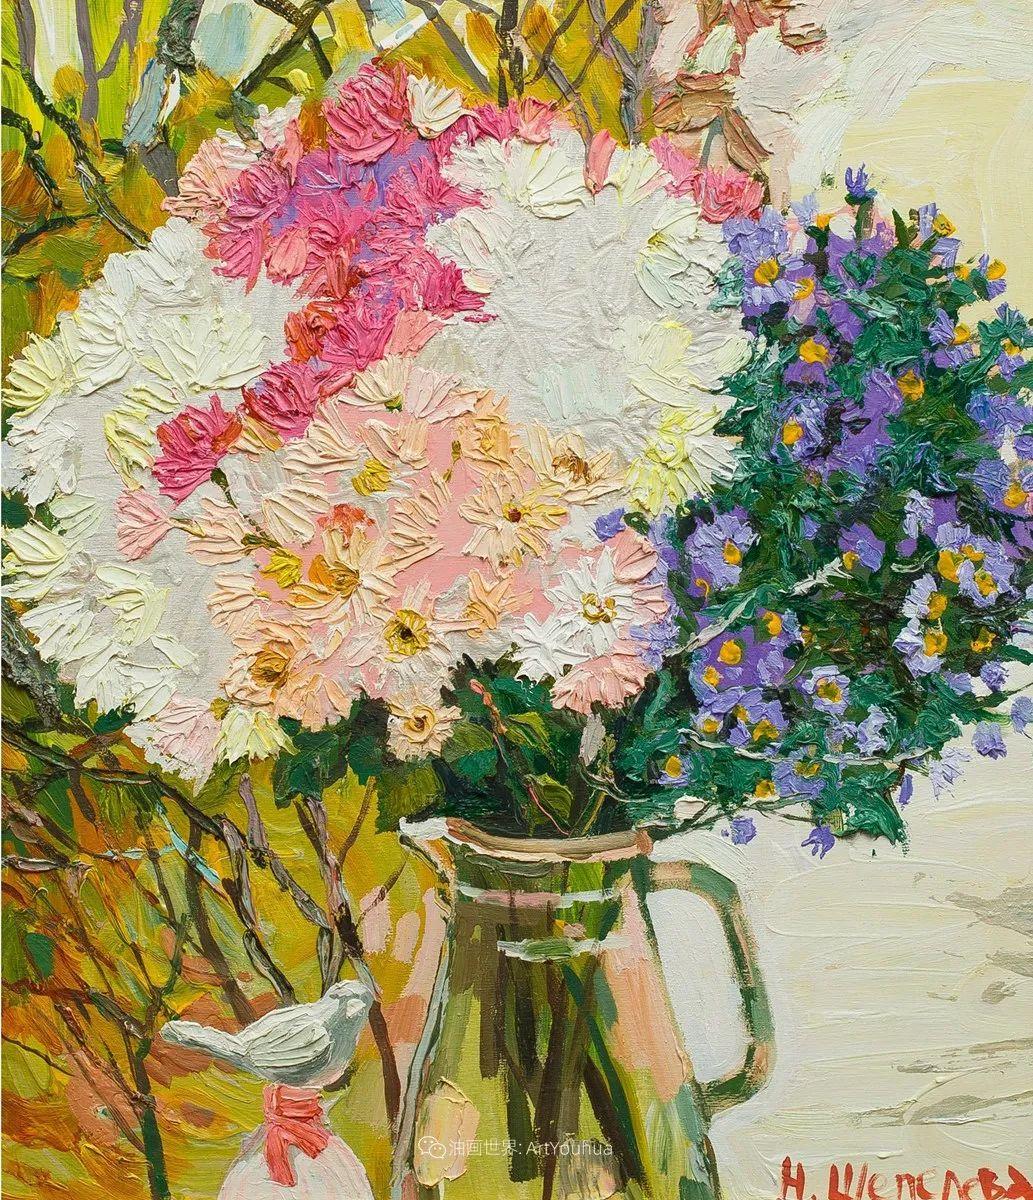 大笔触风景与花卉,色彩靓丽,美轮美奂!插图124